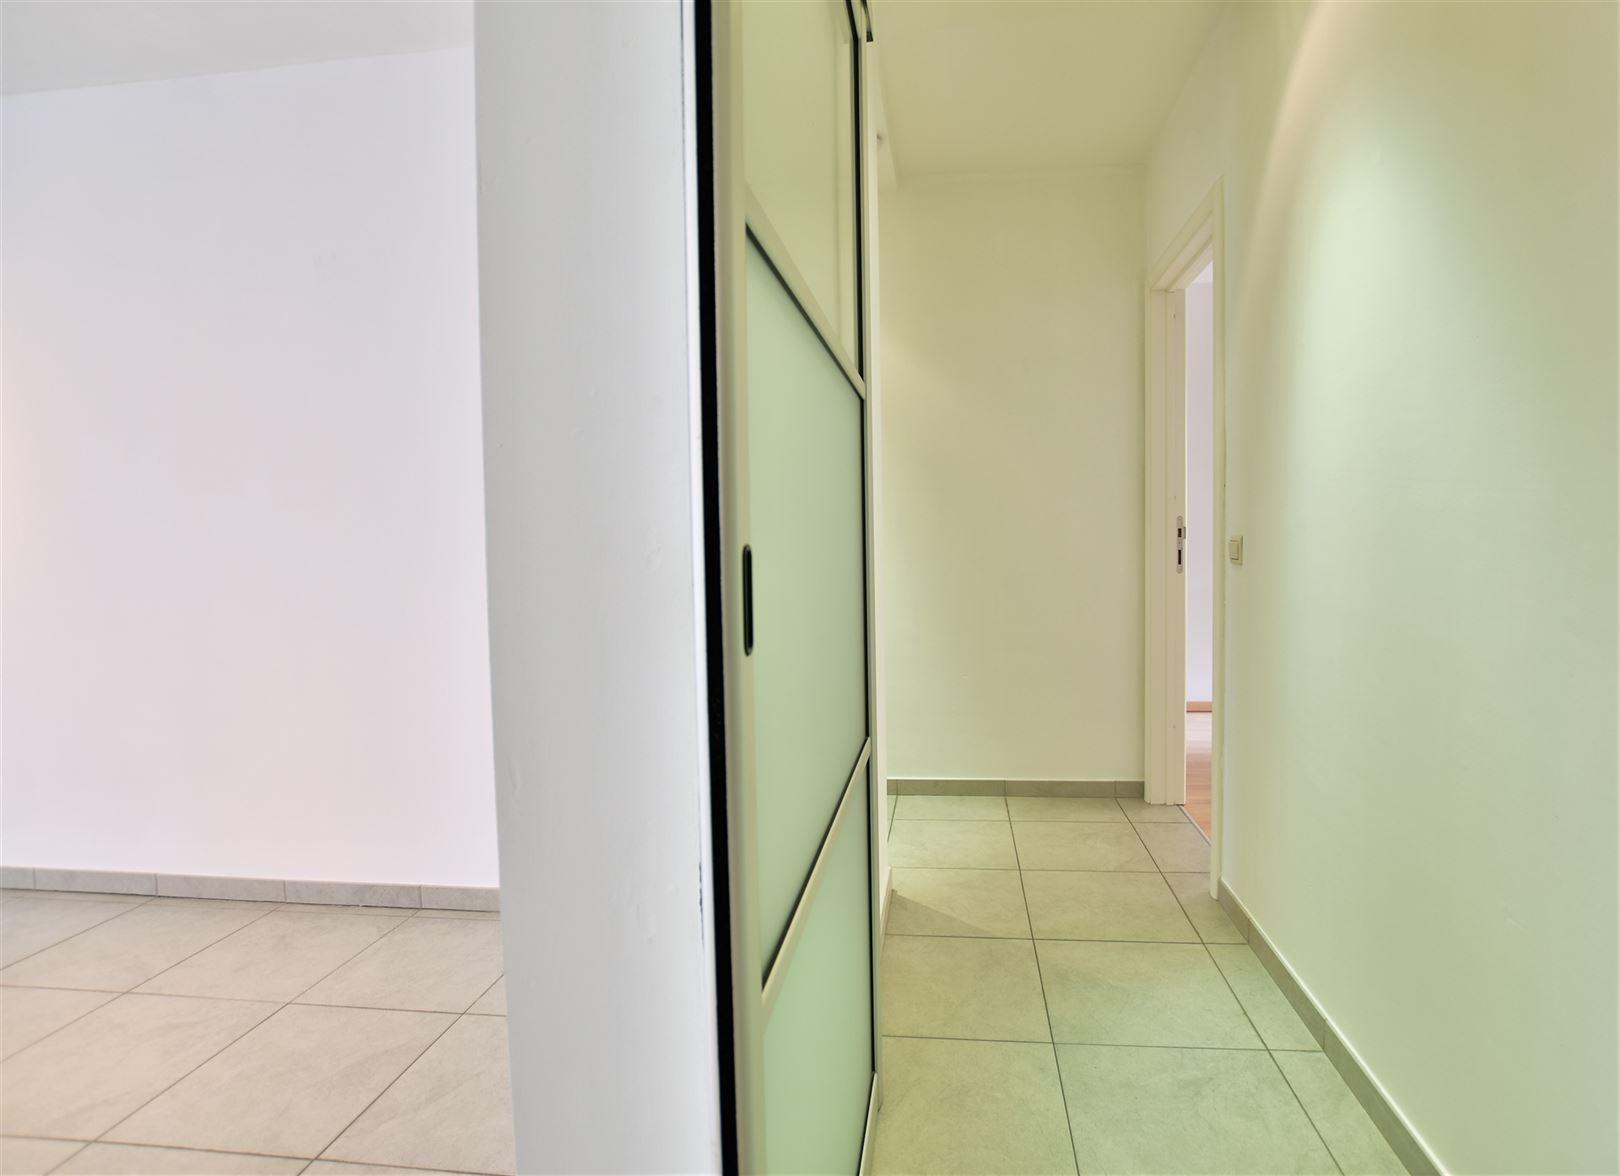 Foto 20 : Appartement te 8400 OOSTENDE (België) - Prijs € 299.000